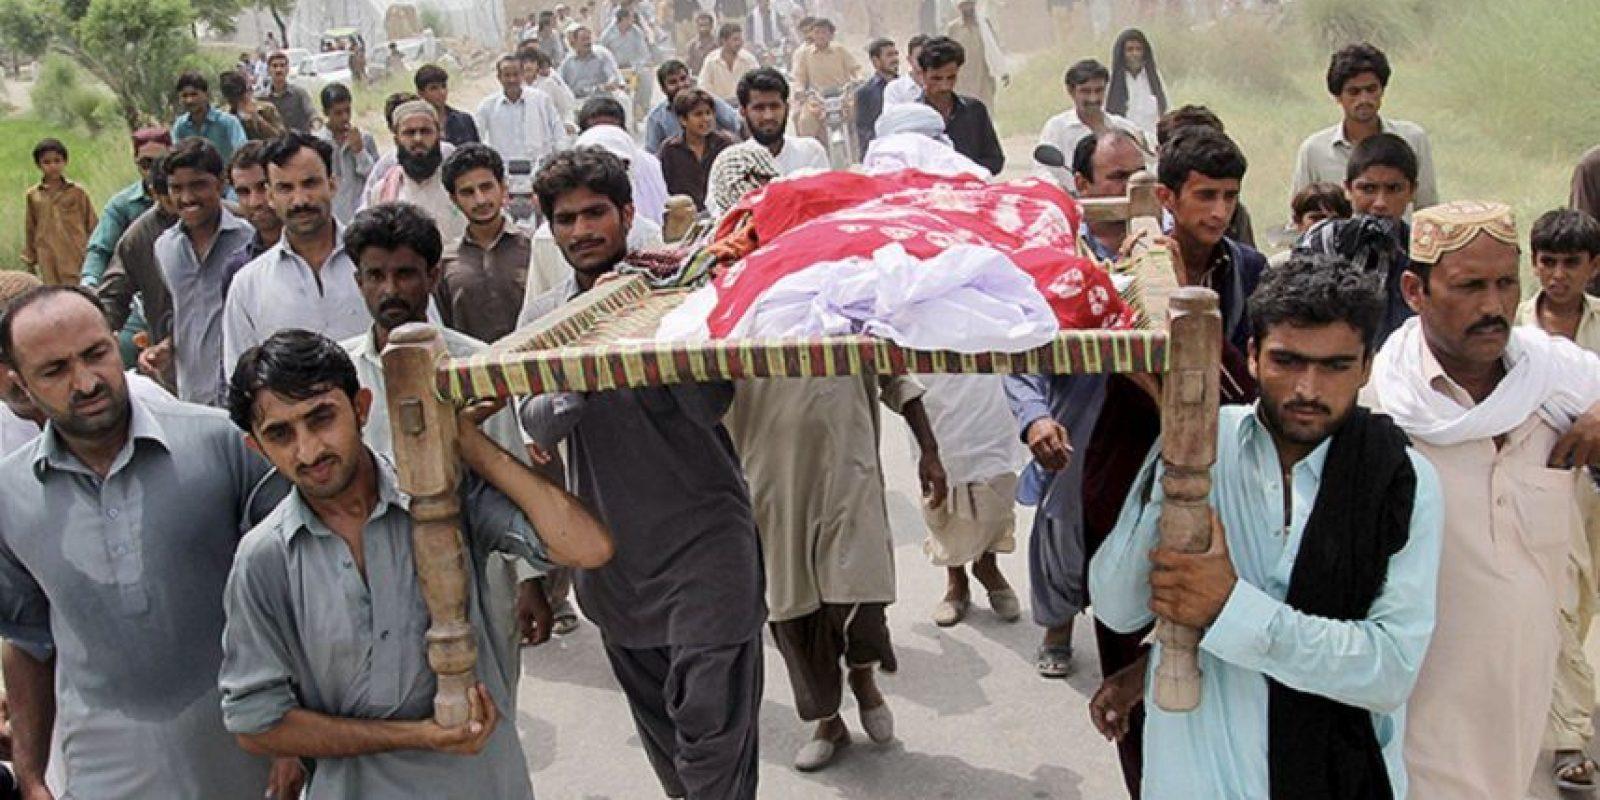 El momento del traslado del cuerpo de la estrella pakistaní. Foto:Getty Images. Imagen Por: